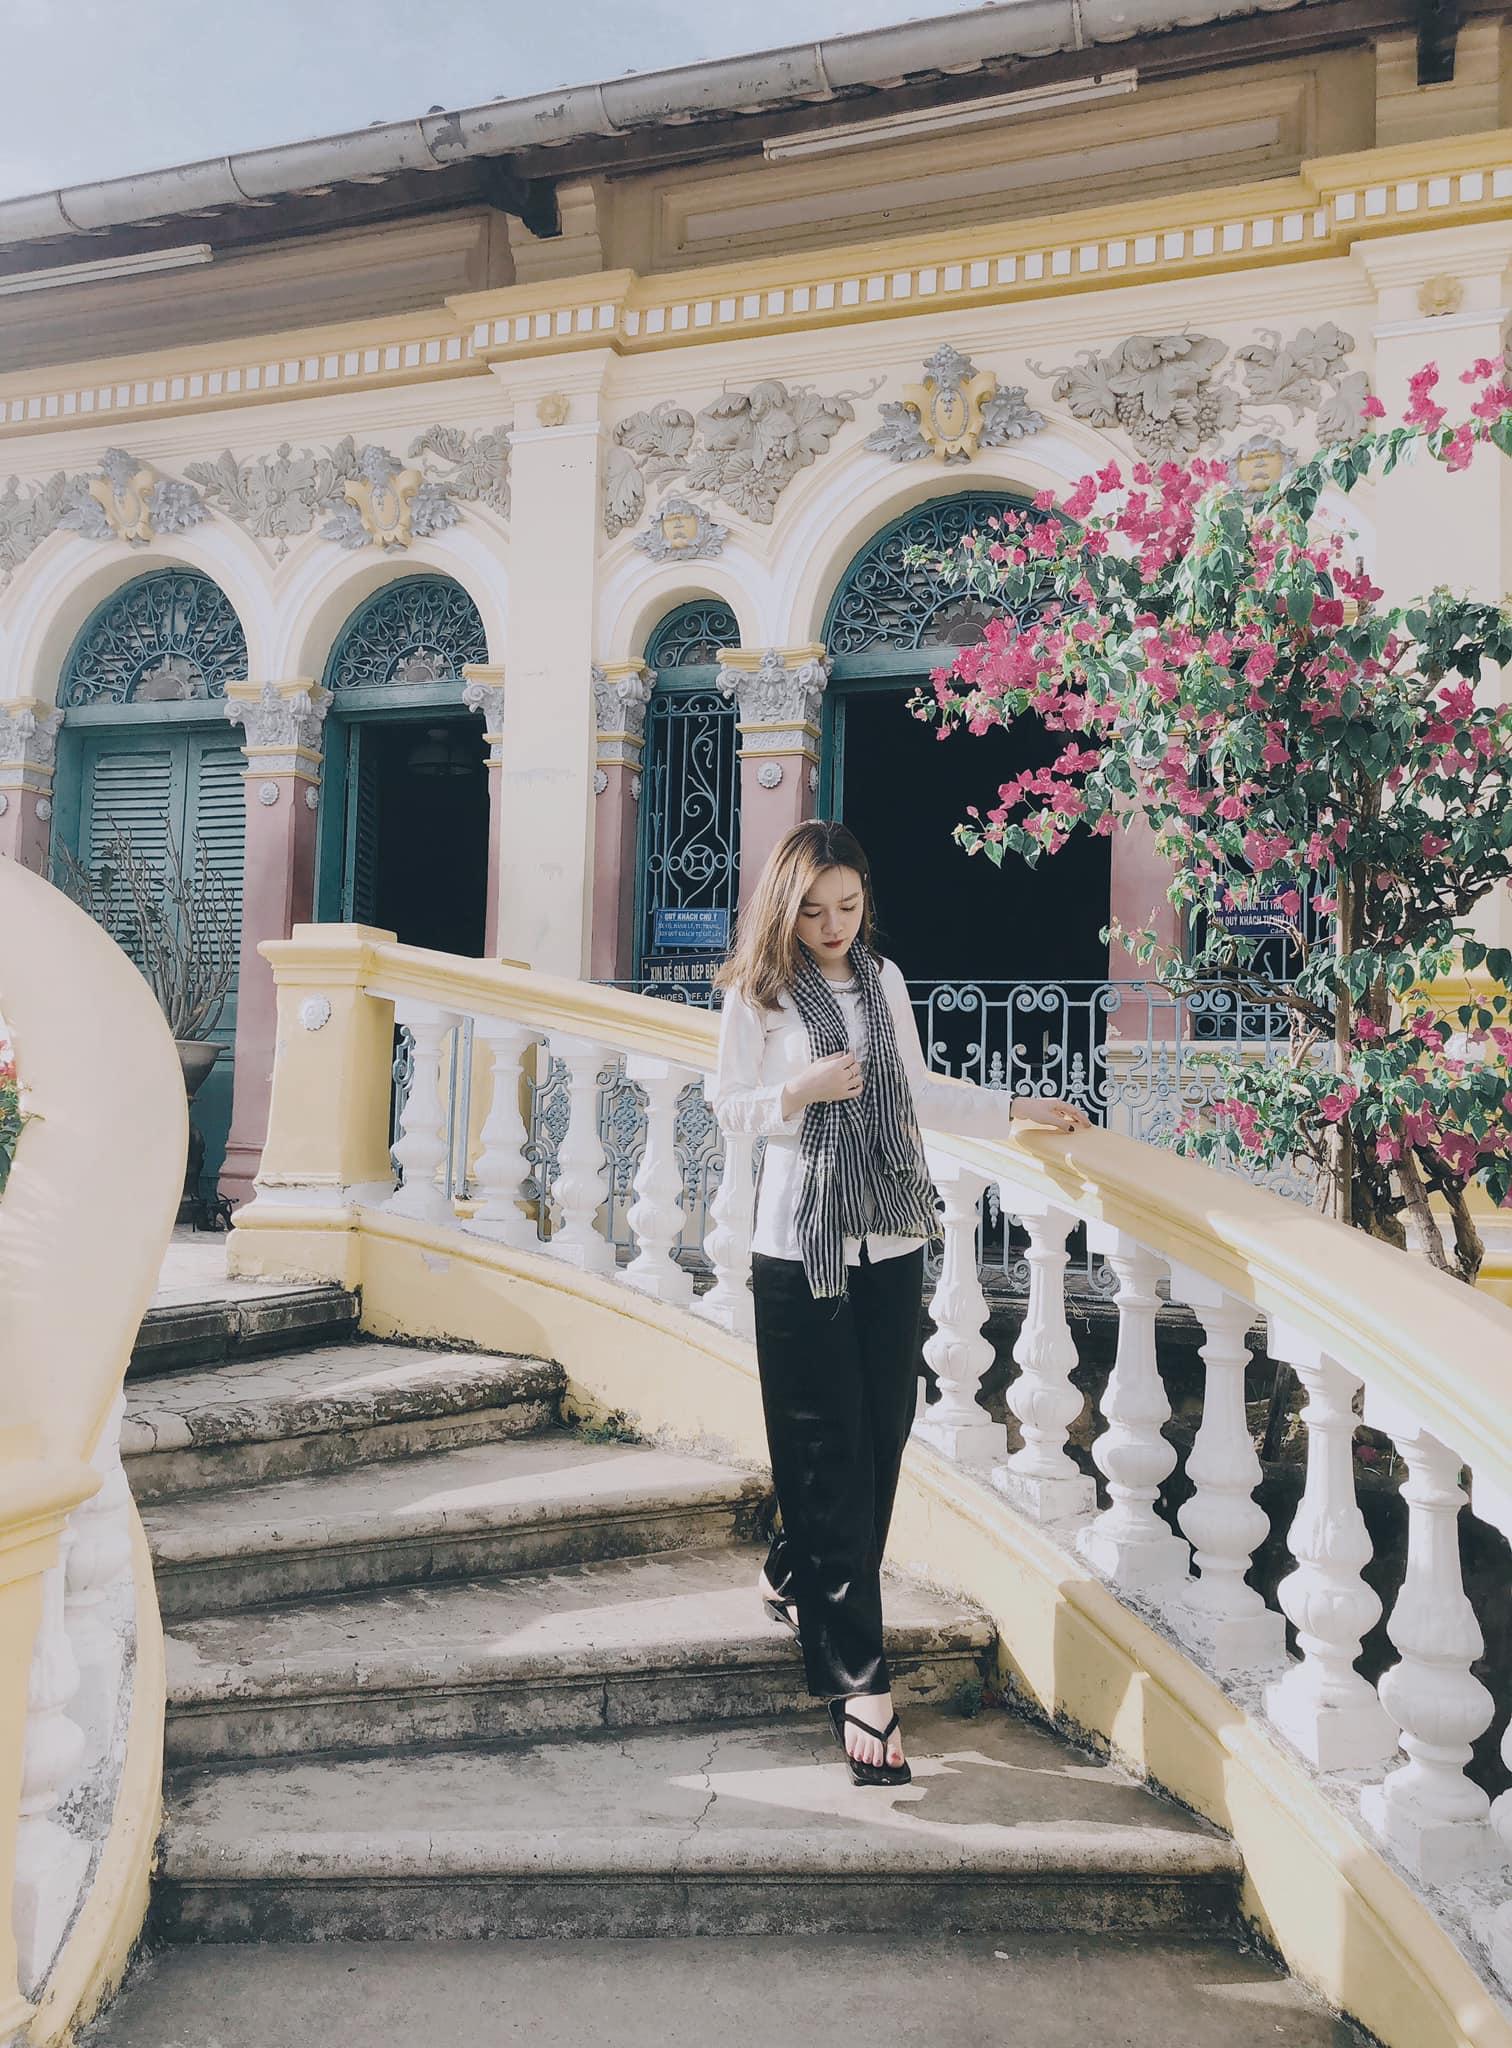 Vẻ đẹp nhà cổ Bình Thủy, địa điểm tham quan trăm tuổi tại Cần Thơ  - Ảnh 7.